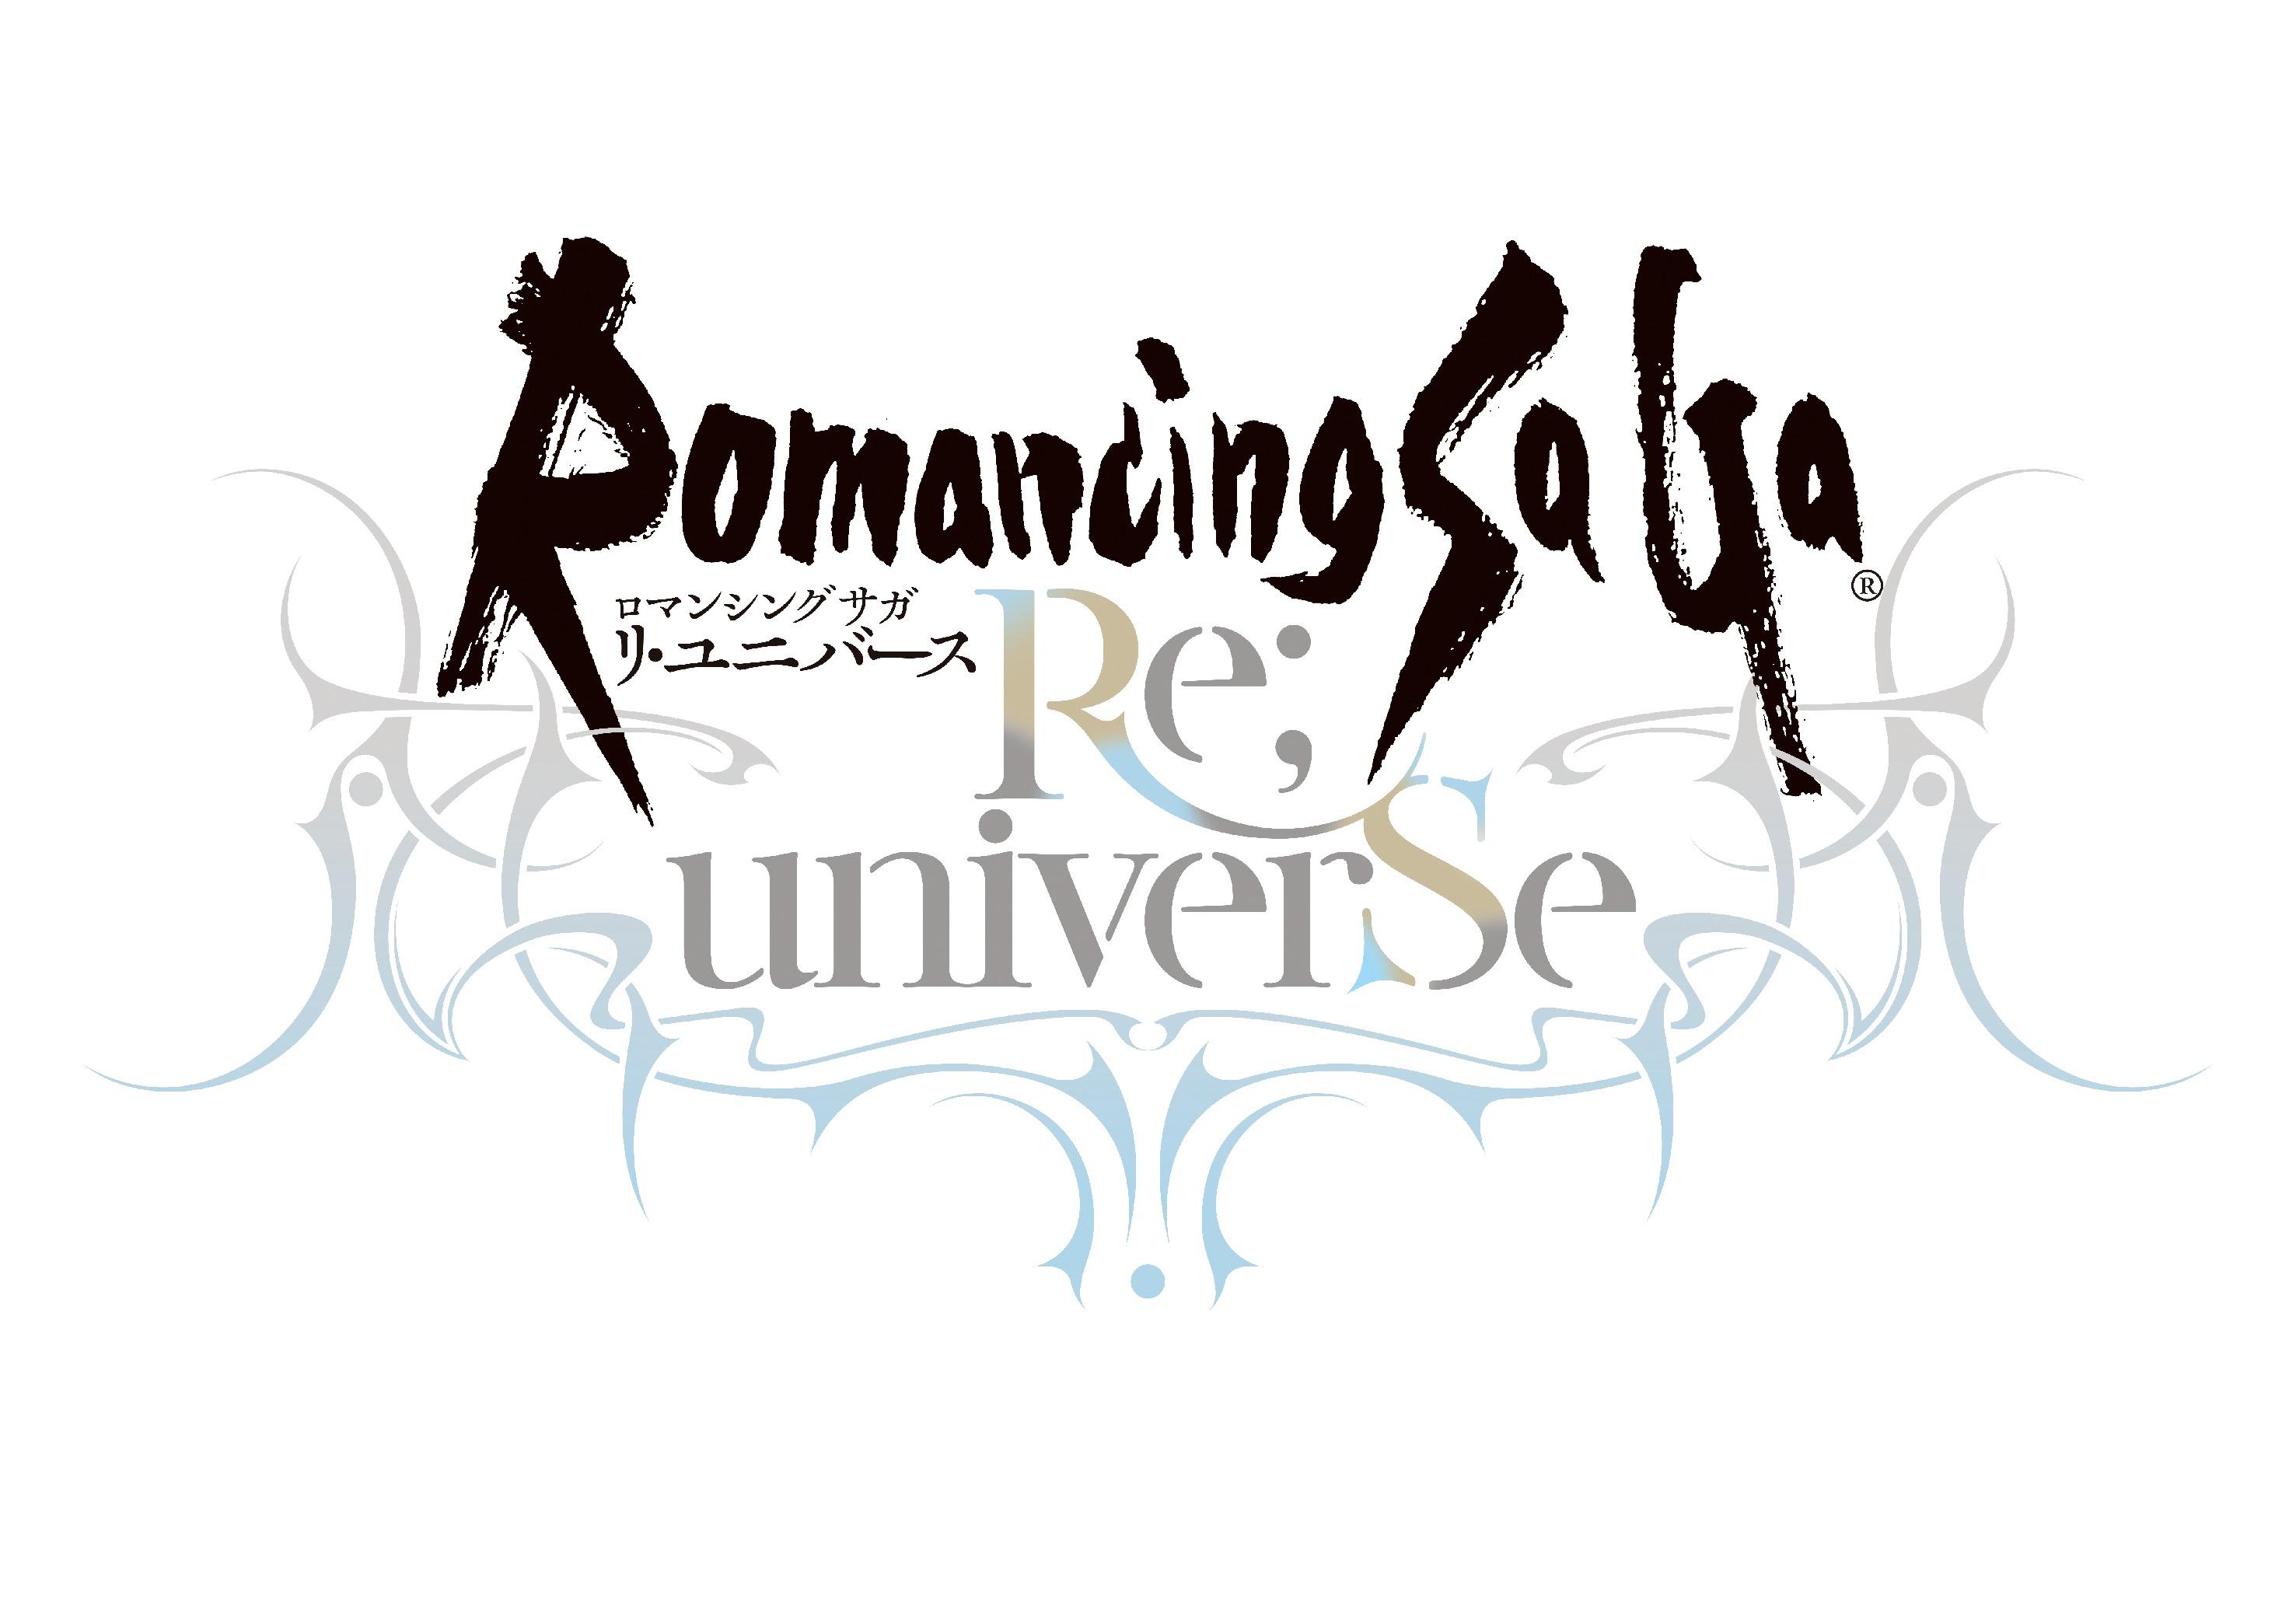 『ロマンシング サガ リ・ユニバース』タイトルロゴ (c)SQUARE ENIX CO., LTD. All Rights Reserved. Powered by Akatsuki Inc. ILLUSTRATION: TOMOMI KOBAYASHI